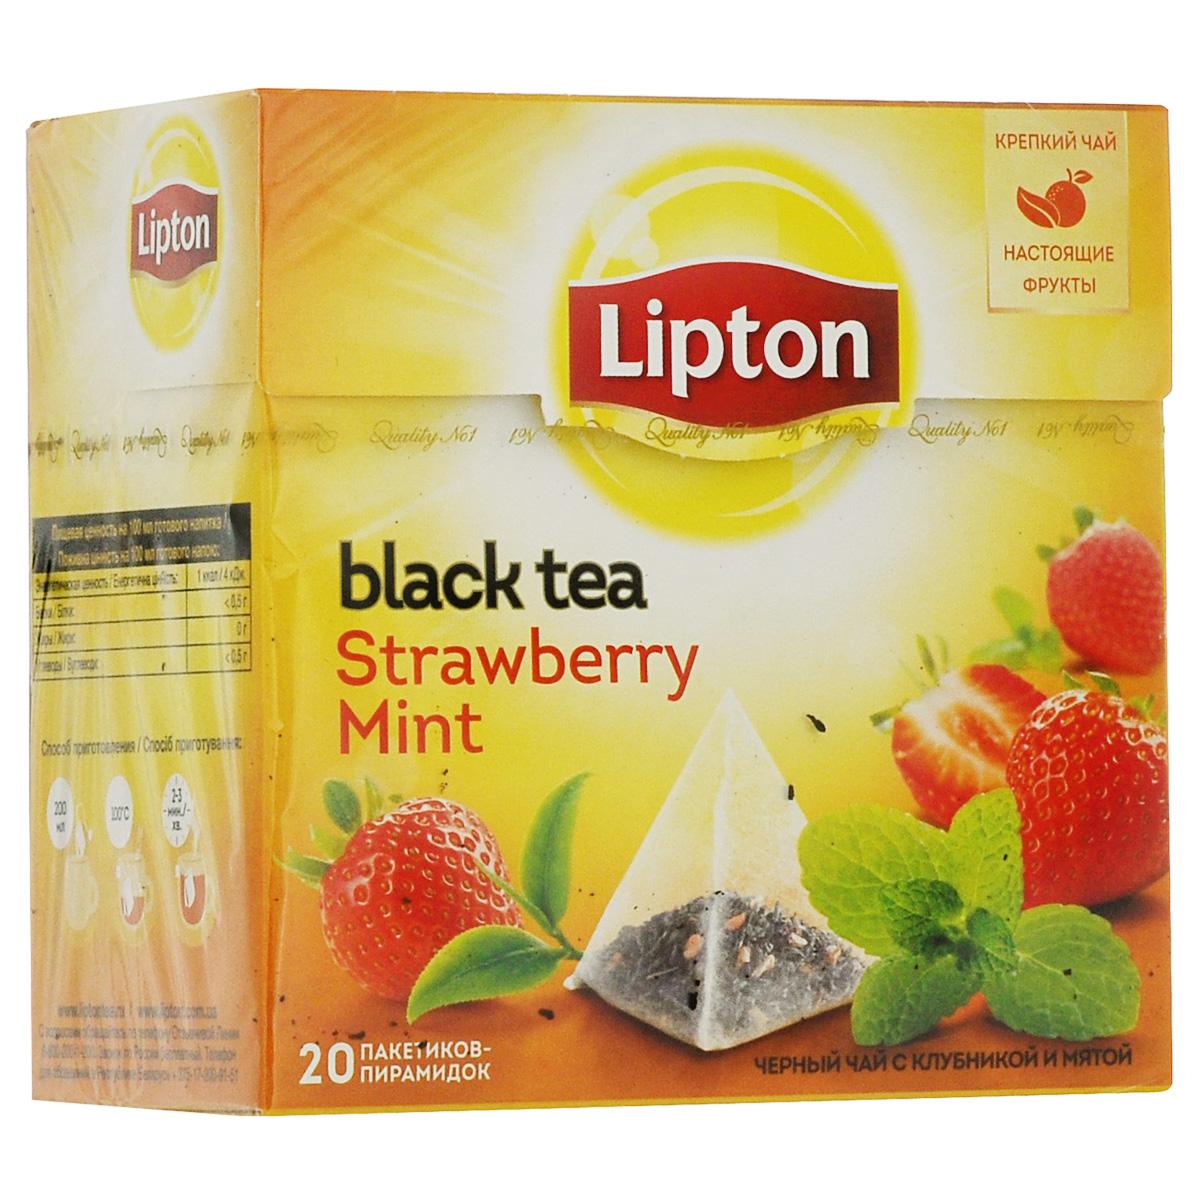 Lipton Strawberry Mint - зелёный байховый чай с ароматизаторами клубники и мяты, а также кусочками фруктов.